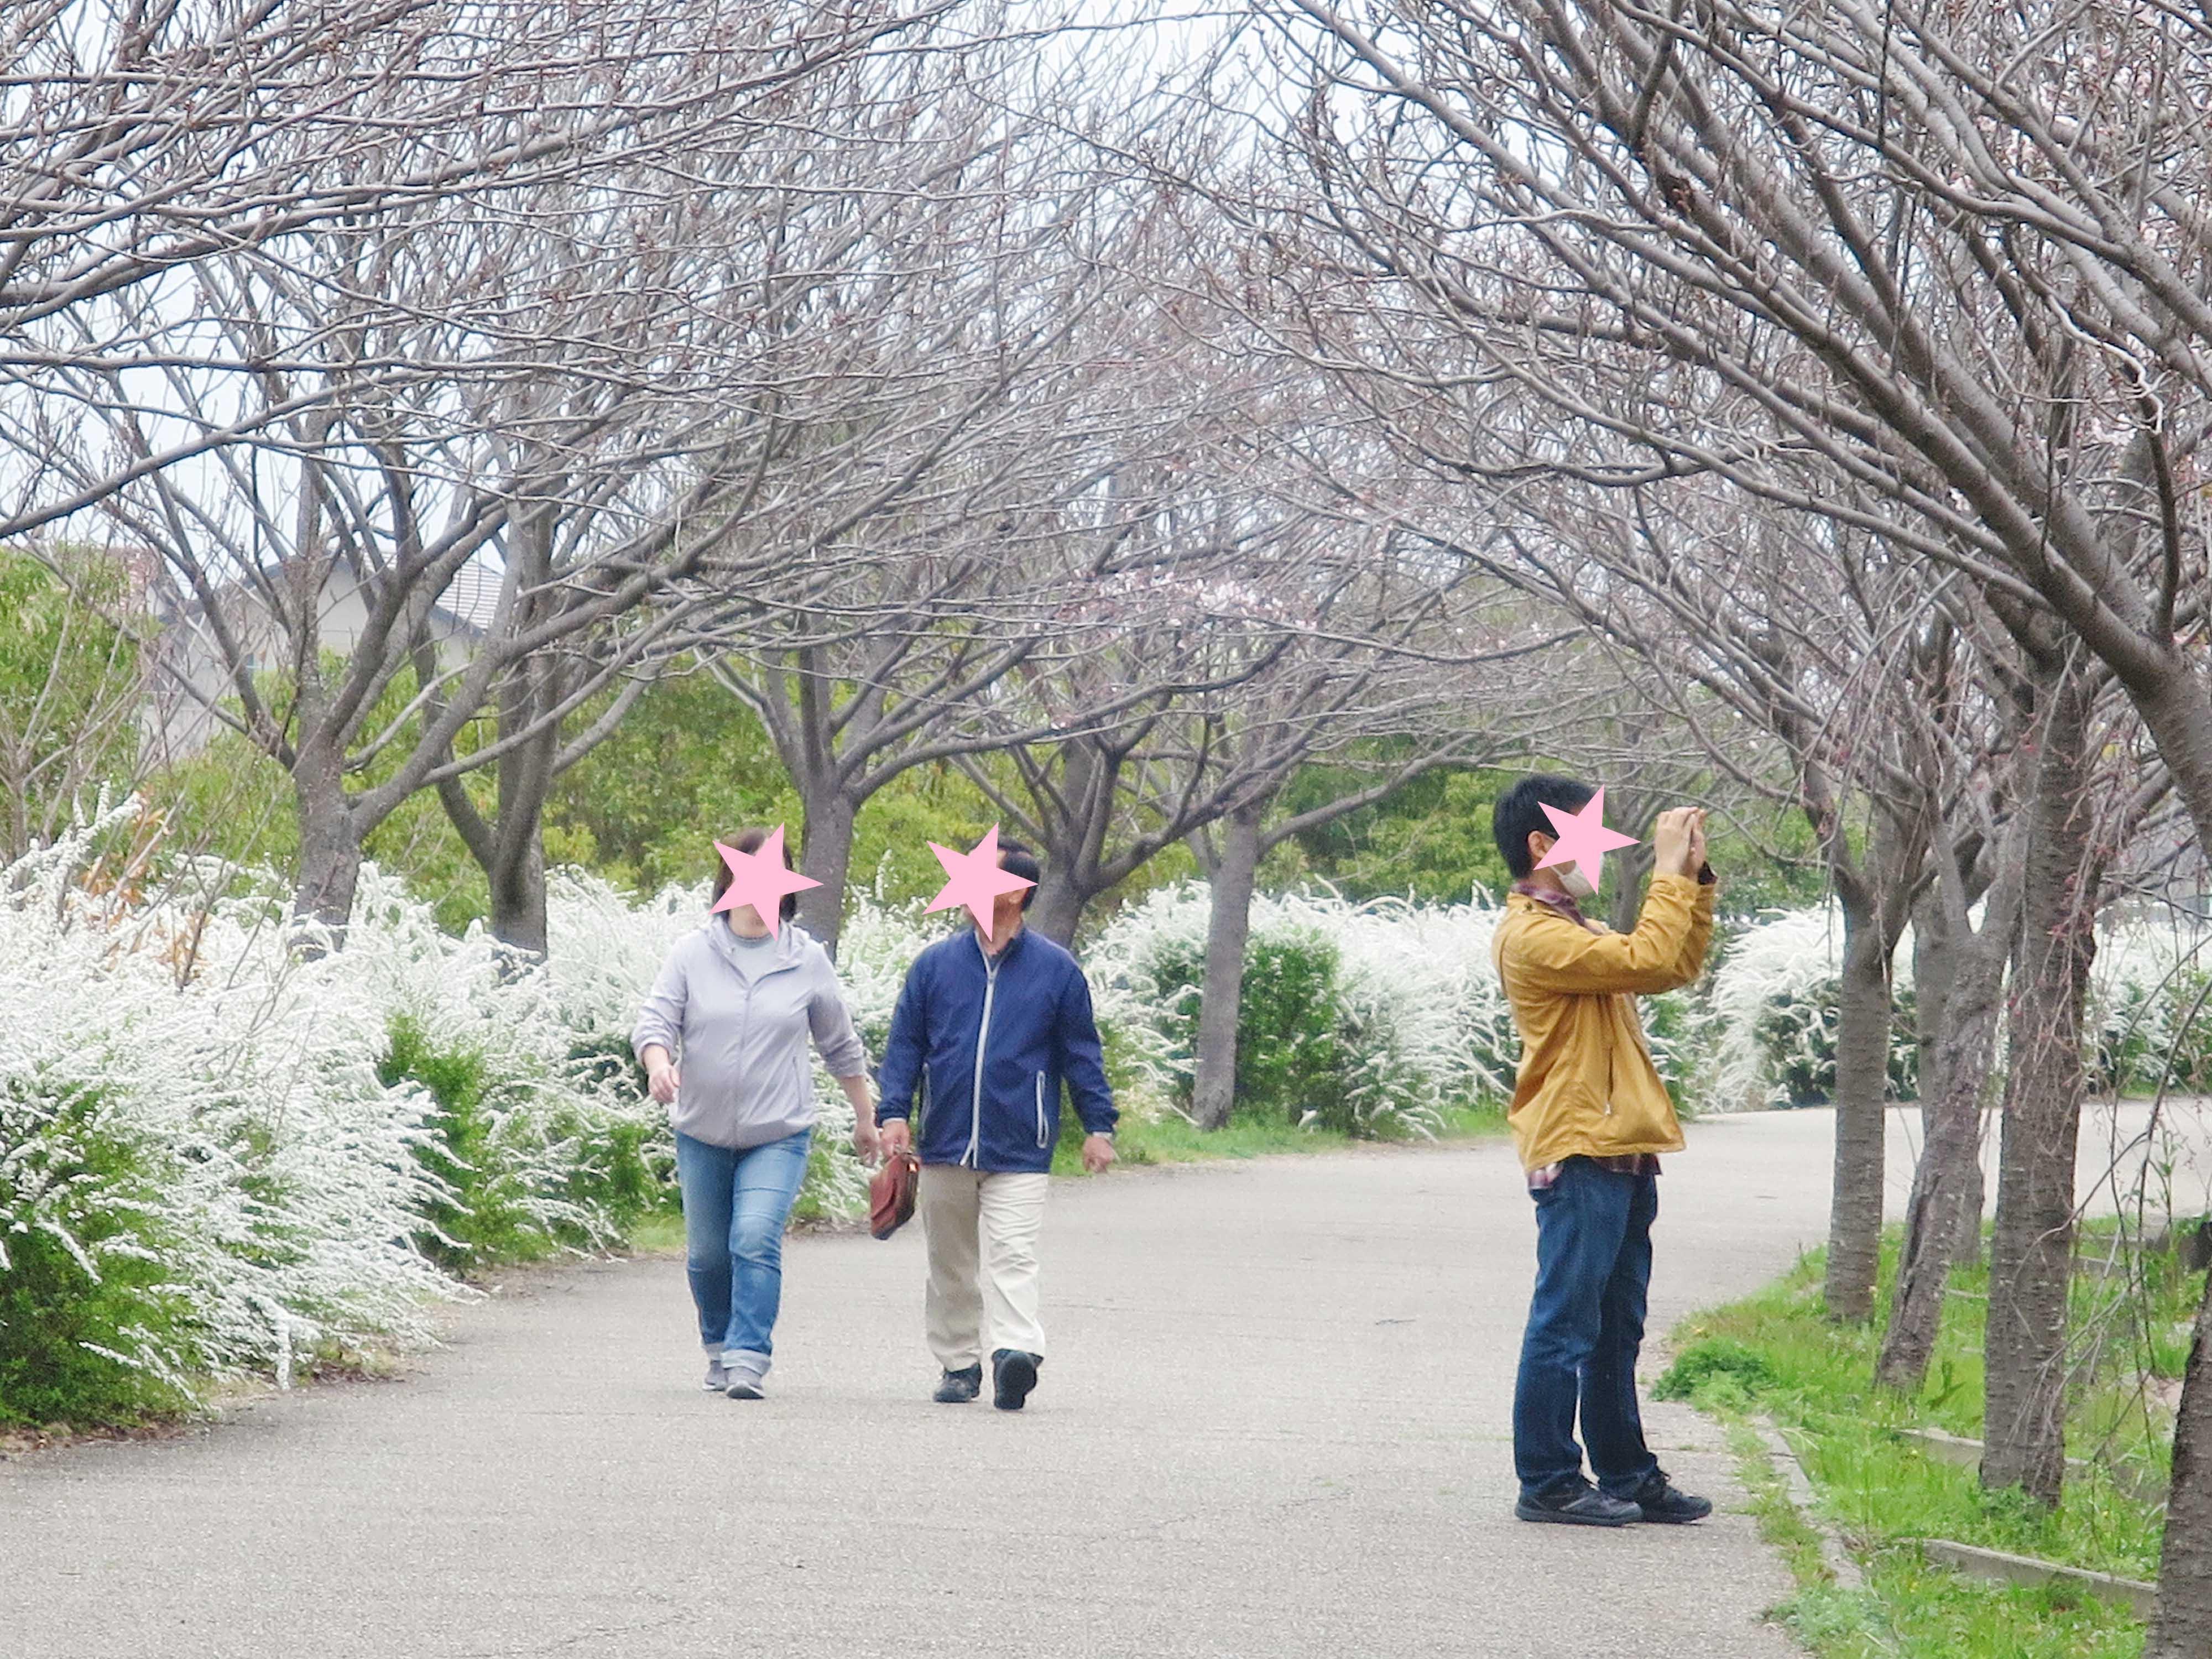 公園内の散策、写真を撮る人も